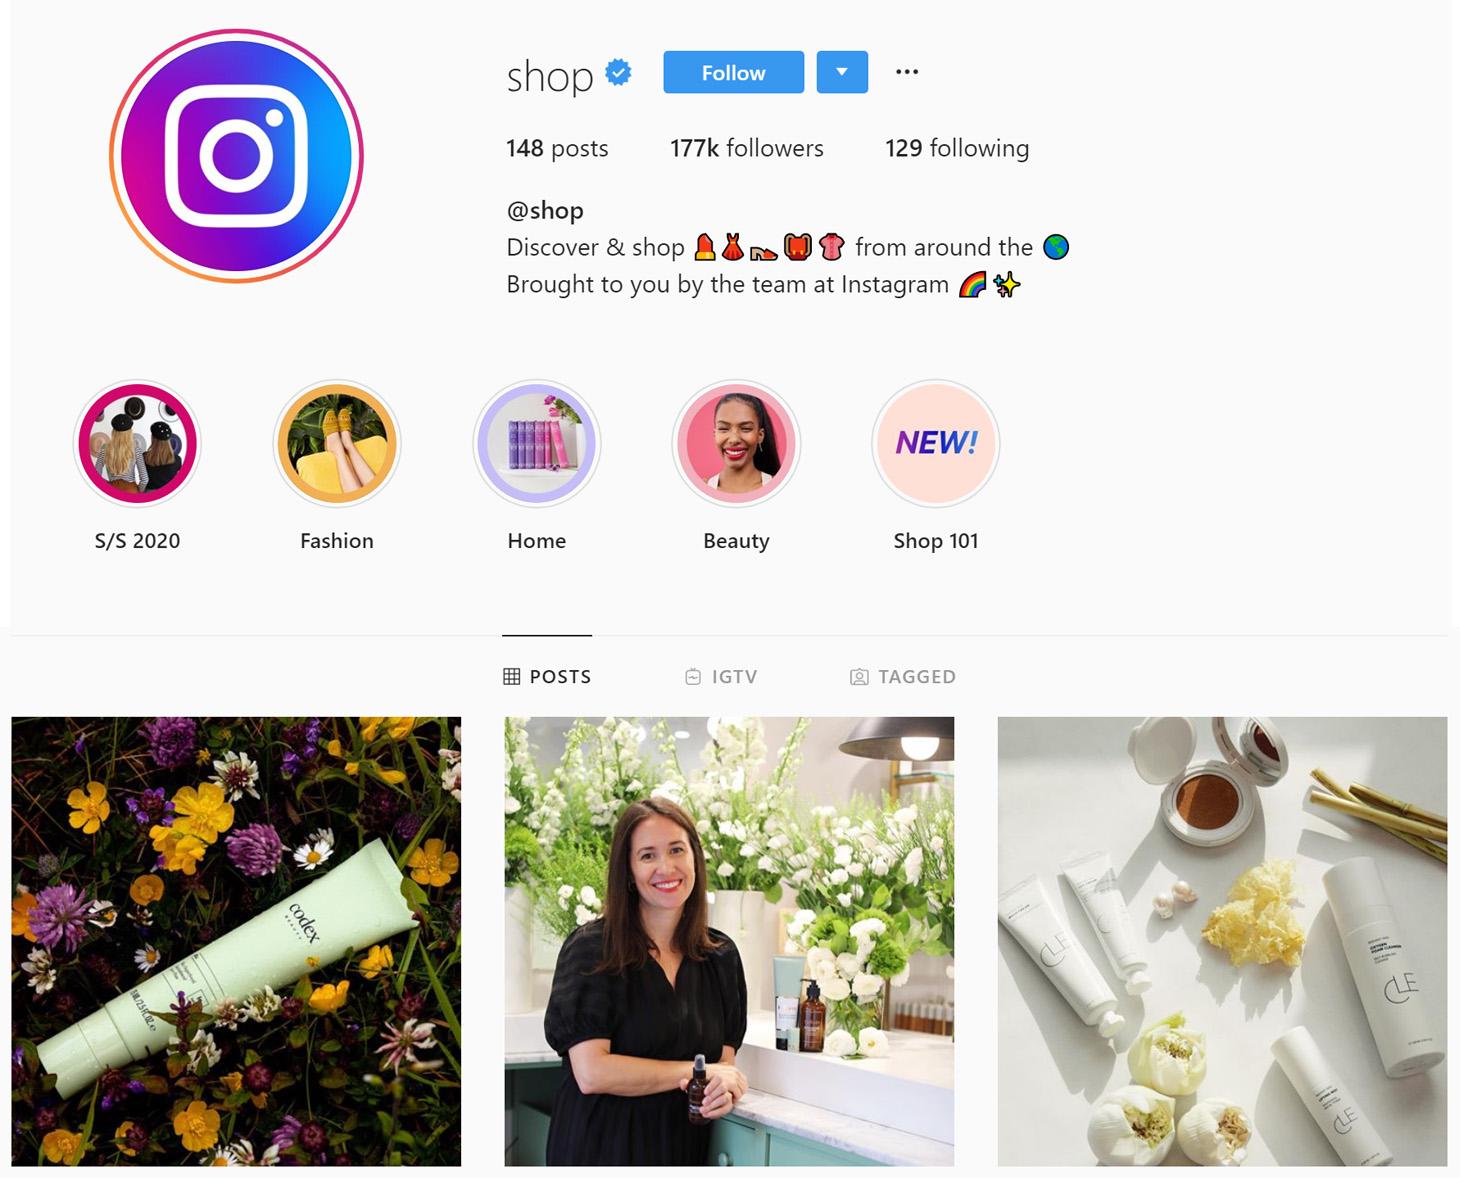 Las 12 actualizaciones más importantes en Instagram en el 2019 5